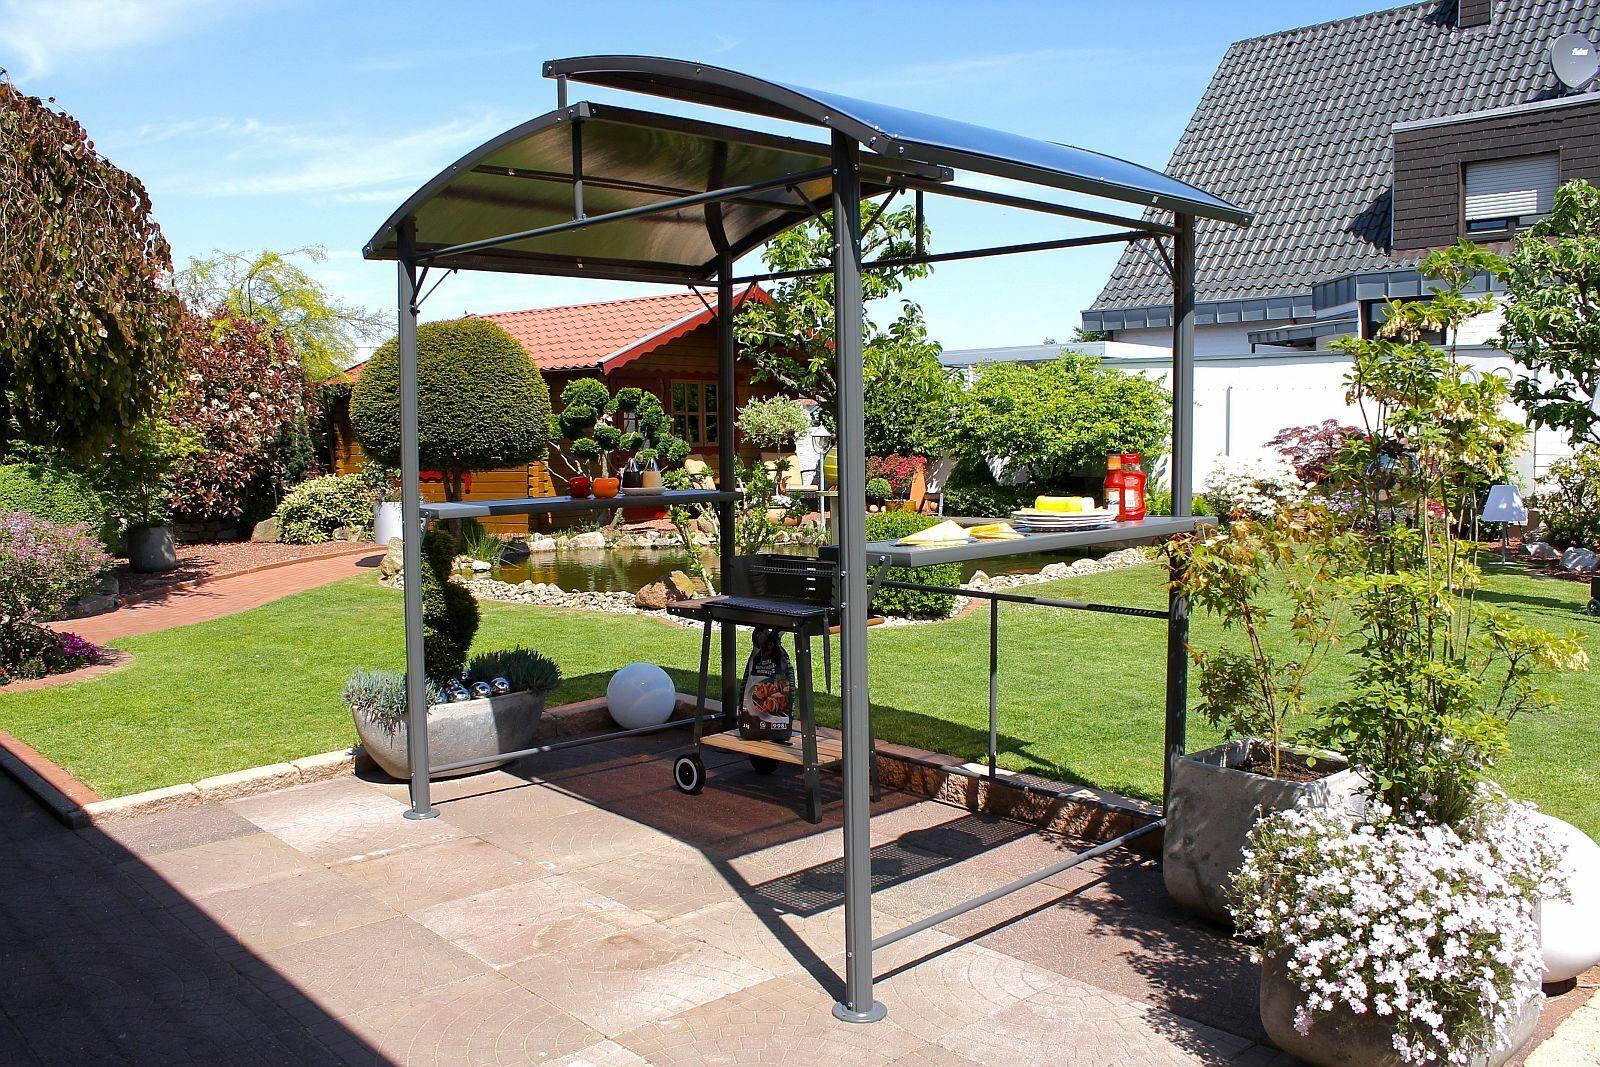 Outdoorküche Zubehör Test : Grill pavillon wasserdicht test vergleich grill pavillon